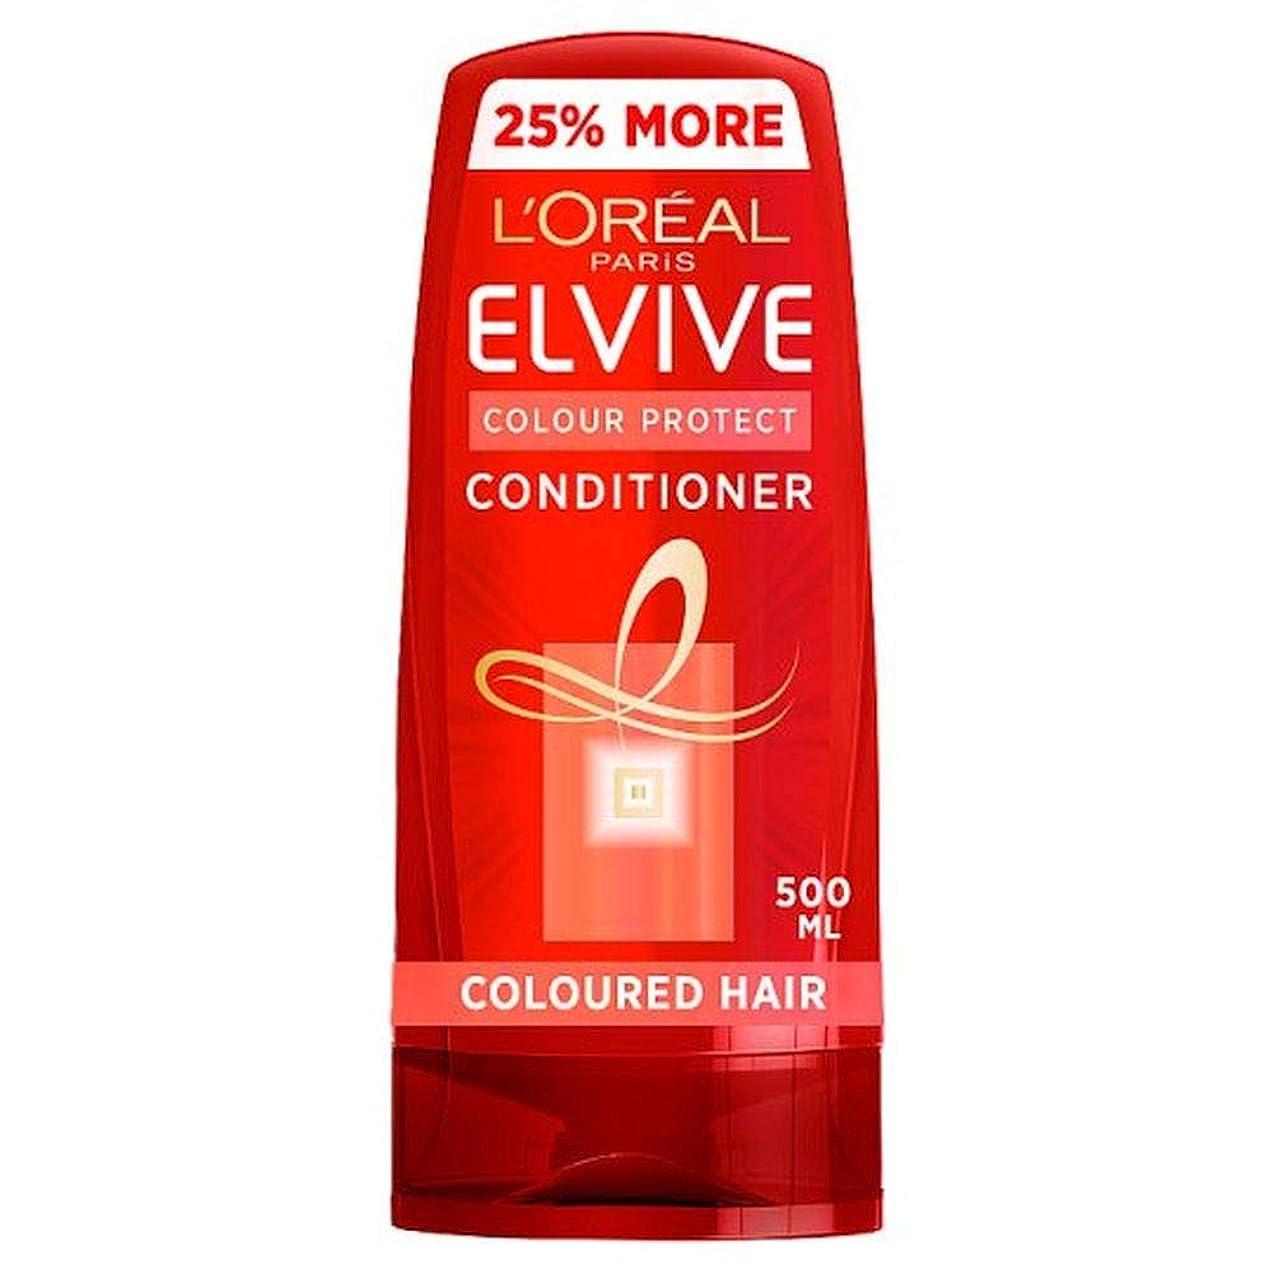 エンジン磁石することになっている[Elvive] ロレアルのElviveの色は、着色ヘアコンディショナー500ミリリットルを保護します - L'oreal Elvive Colour Protect Coloured Hair Conditioner 500Ml [並行輸入品]